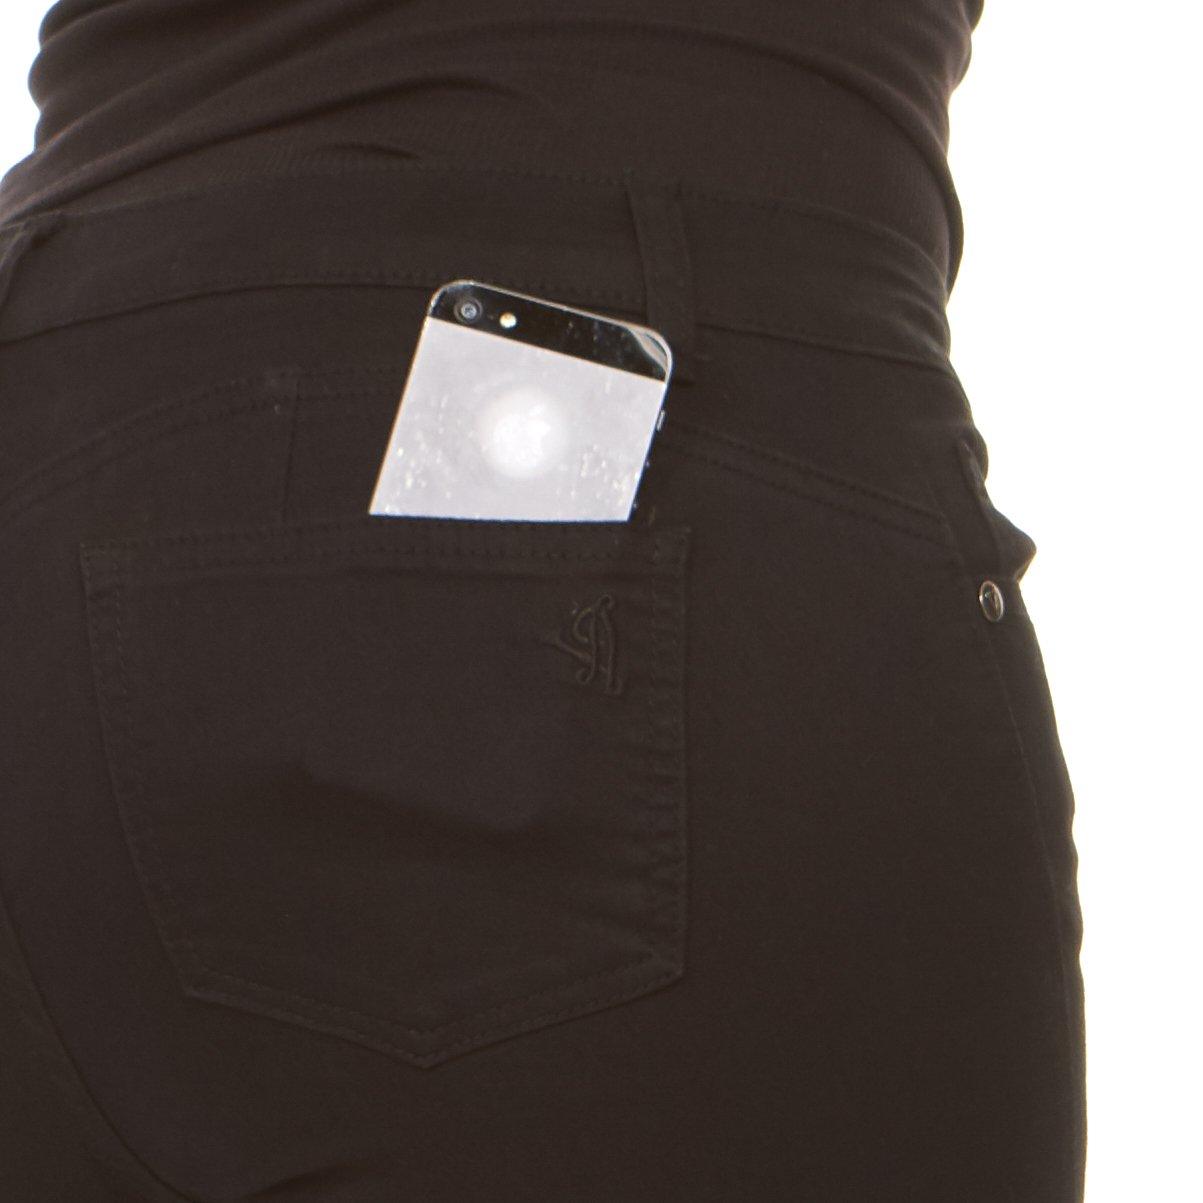 Vip Jeans Pantalones De Camuflaje Camo Variedad Colores Y Estilos Ebay